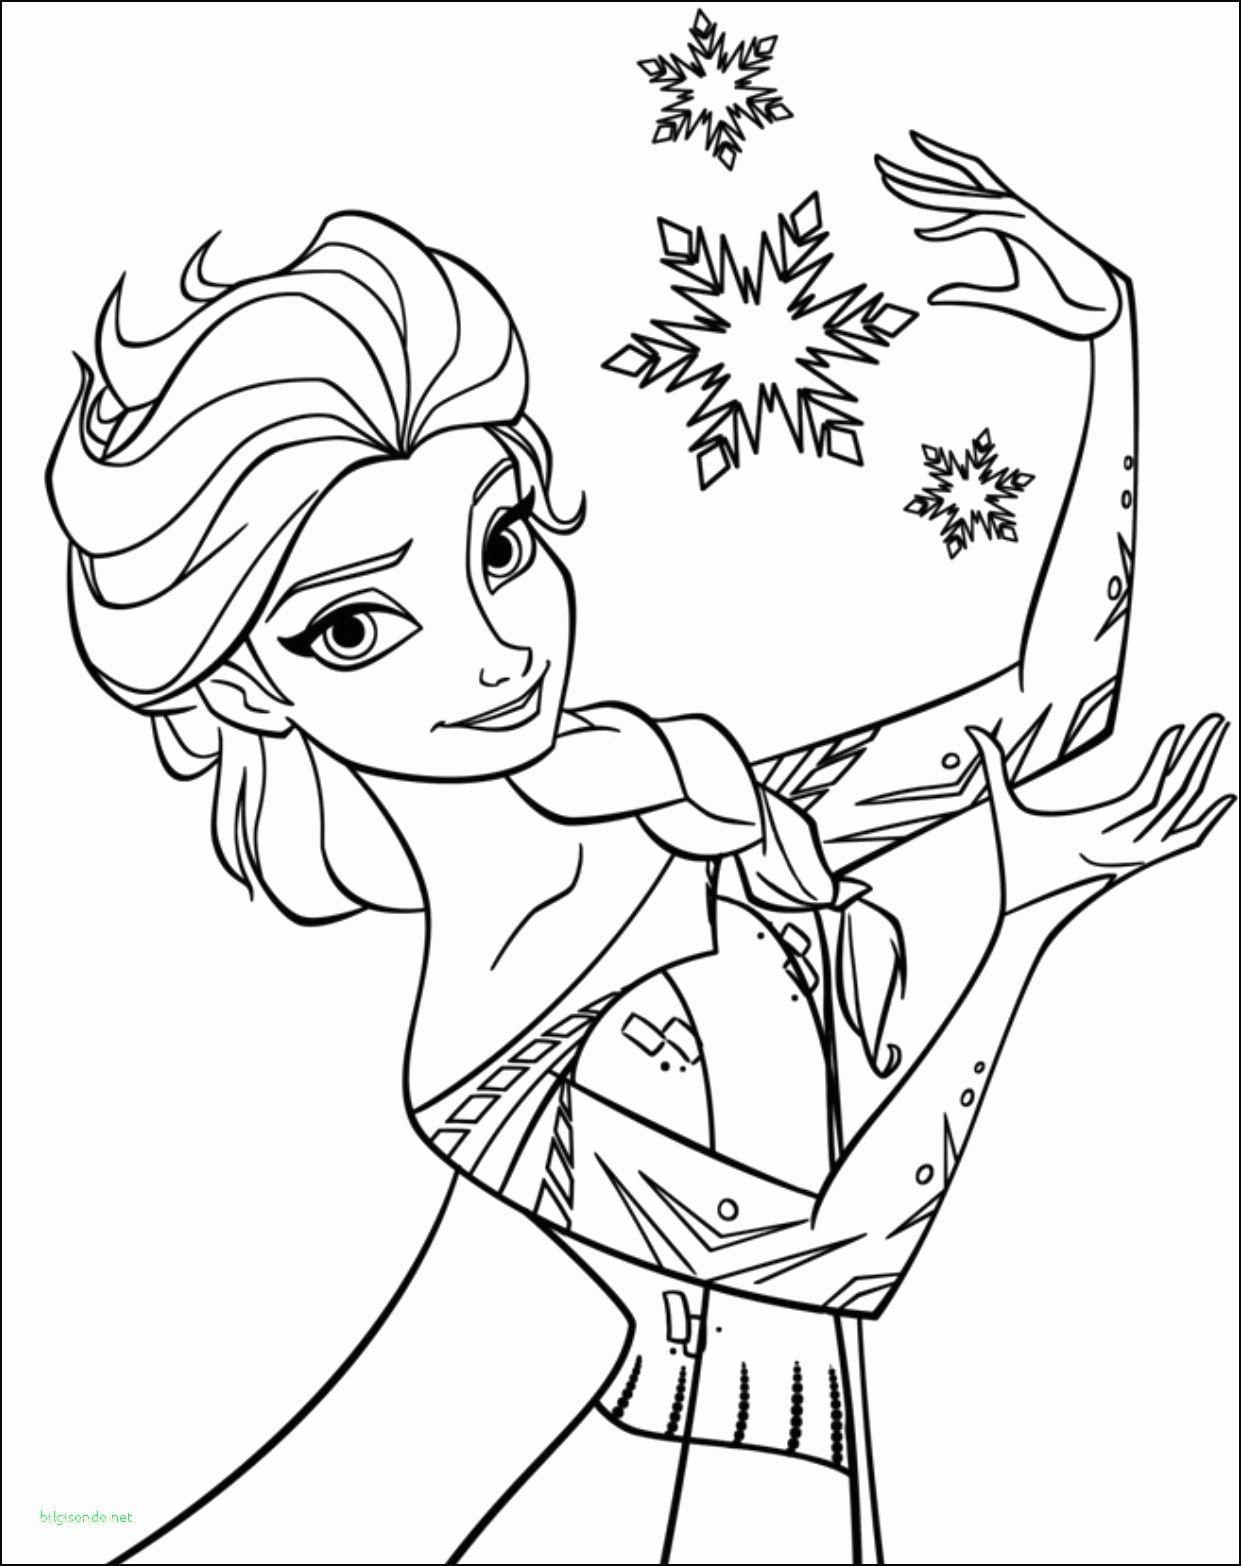 Disney Prinzessinnen Malvorlagen Elsa Halaman Mewarnai Buku Mewarnai Warna